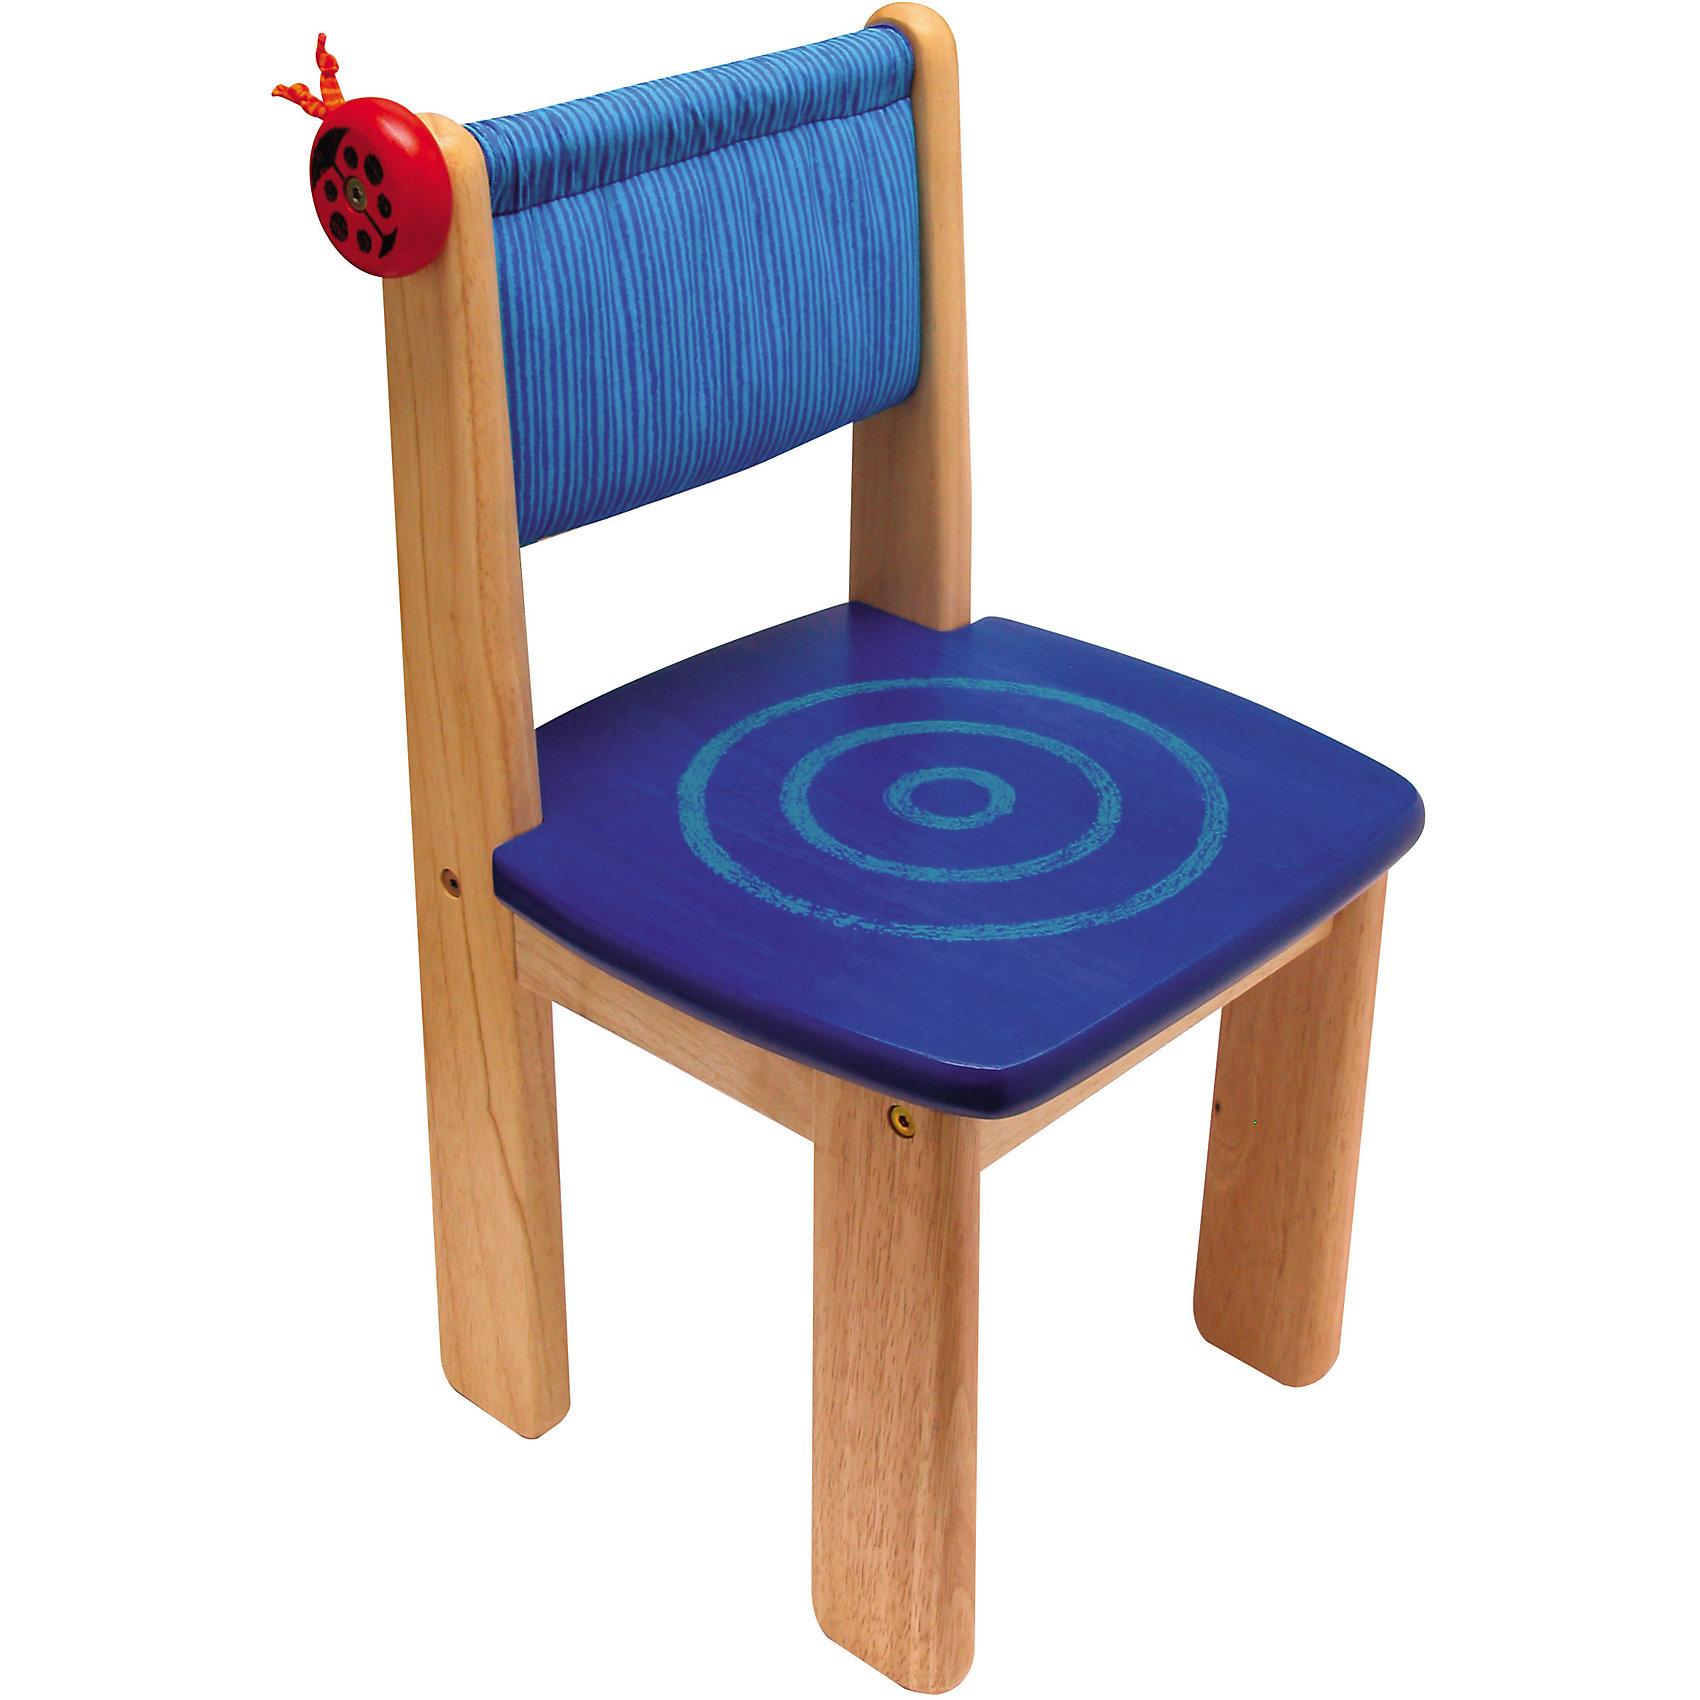 Стульчик деревянный, Im ToyМебель<br>Стульчик деревянный, Im Toy.<br><br>Характеристики:<br><br>• Для детей в возрасте: от 3 до 6 лет<br>• Материал: древесина, текстиль<br>• Цвет: ярко-синий<br>• Размеры сидения: 31 x 31 см.<br>• Высота сидения от пола: 30 см.<br>• Высота спинки: 56 см.<br>• Размер стульчика: 31 x 31 x 56 см.<br>• Размер упаковки: 32 x 8 x 58 см.<br>• Вес: 3,7 кг.<br><br>Удобный и функциональный стульчик классического дизайна замечательно подойдёт для занятий за детским столиком. У стульчика удобная спинка, устойчивая конструкция, широкие ножки и безопасные закруглённые углы. Спинка стульчика обтянута тканевым чехлом с мягкой набивкой (набивка синтетическое волокно), задняя часть чехла имеет удобный вместительный кармашек для хранения мелких предметов. При необходимости чехол легко снимается. Сбоку стульчика расположен крючок в виде забавной божьей коровки. Стульчик изготовлен из ценных пород древесины, окрашен безопасными красками.<br><br>Стульчик деревянный, Im Toy можно купить в нашем интернет-магазине.<br><br>Ширина мм: 31<br>Глубина мм: 56<br>Высота мм: 31<br>Вес г: 3700<br>Возраст от месяцев: 36<br>Возраст до месяцев: 72<br>Пол: Унисекс<br>Возраст: Детский<br>SKU: 5543469